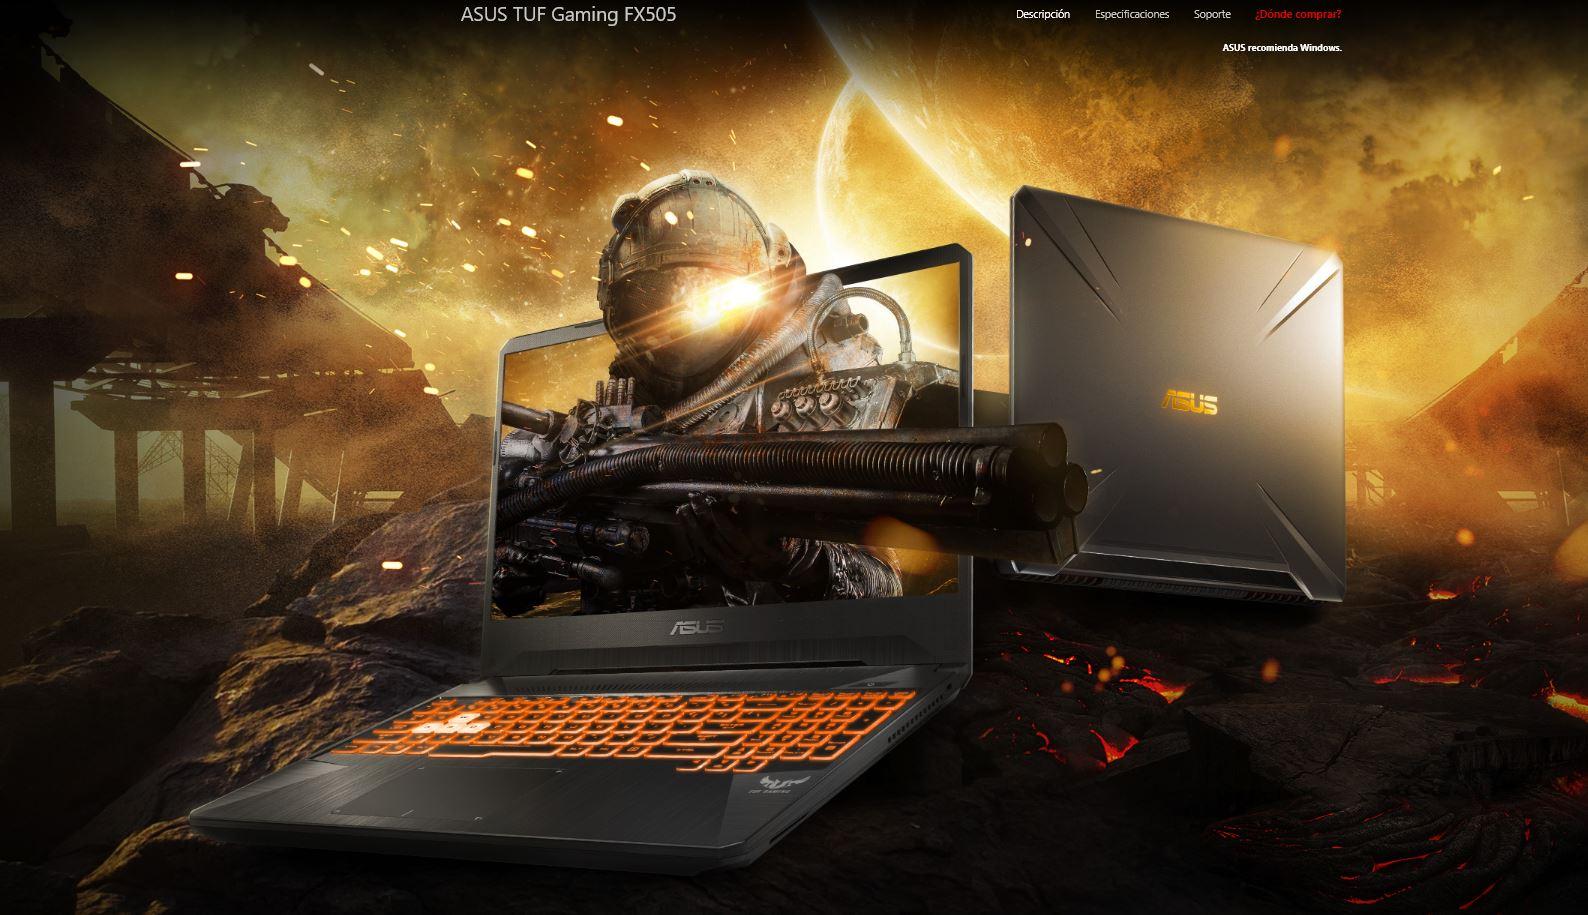 ASUS TUF Gaming FX505 y FX705 con procesadores AMD